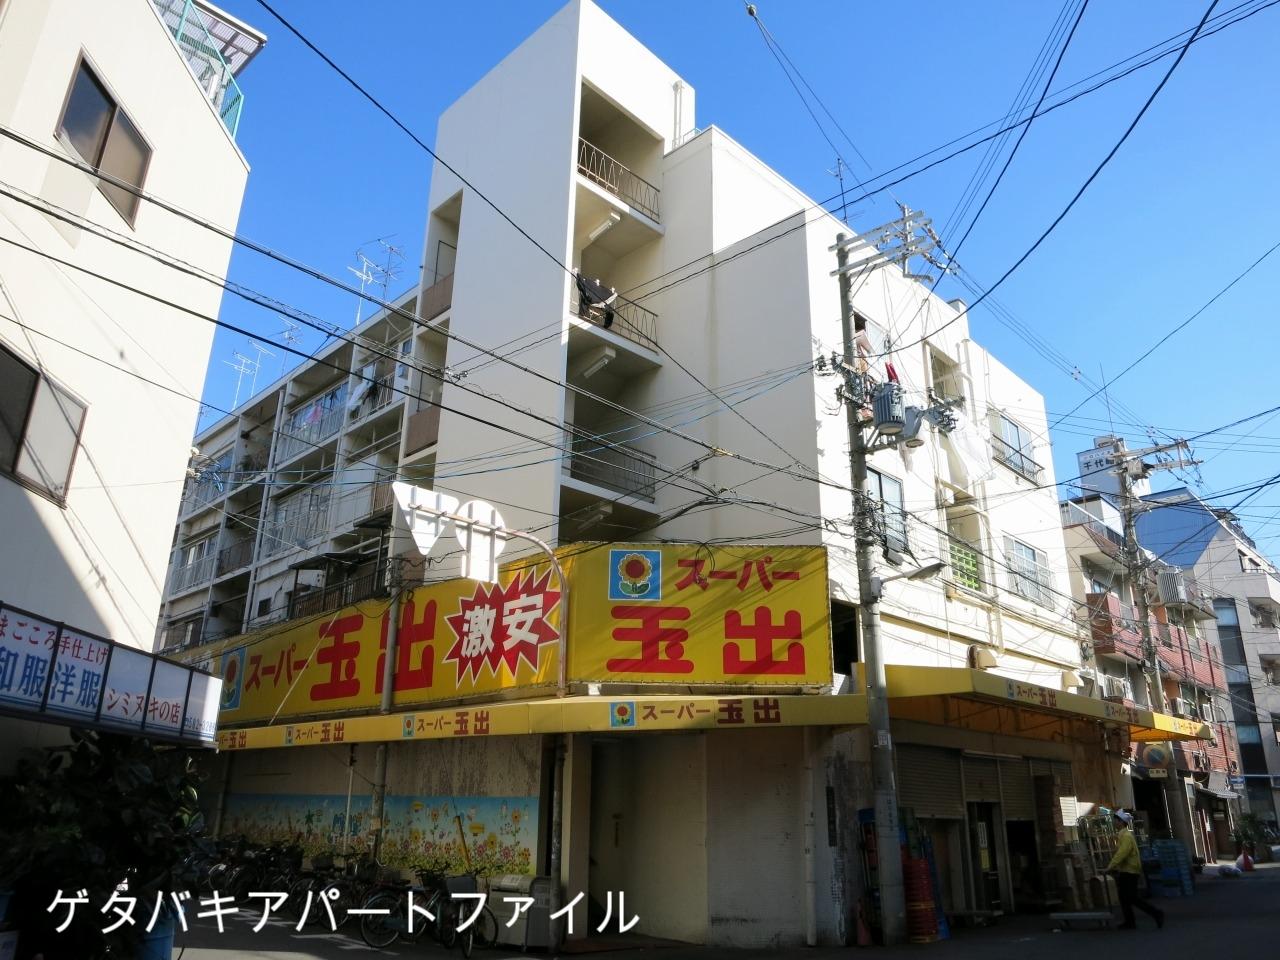 裏手より。以上、大阪府住宅協会花園住宅でした。